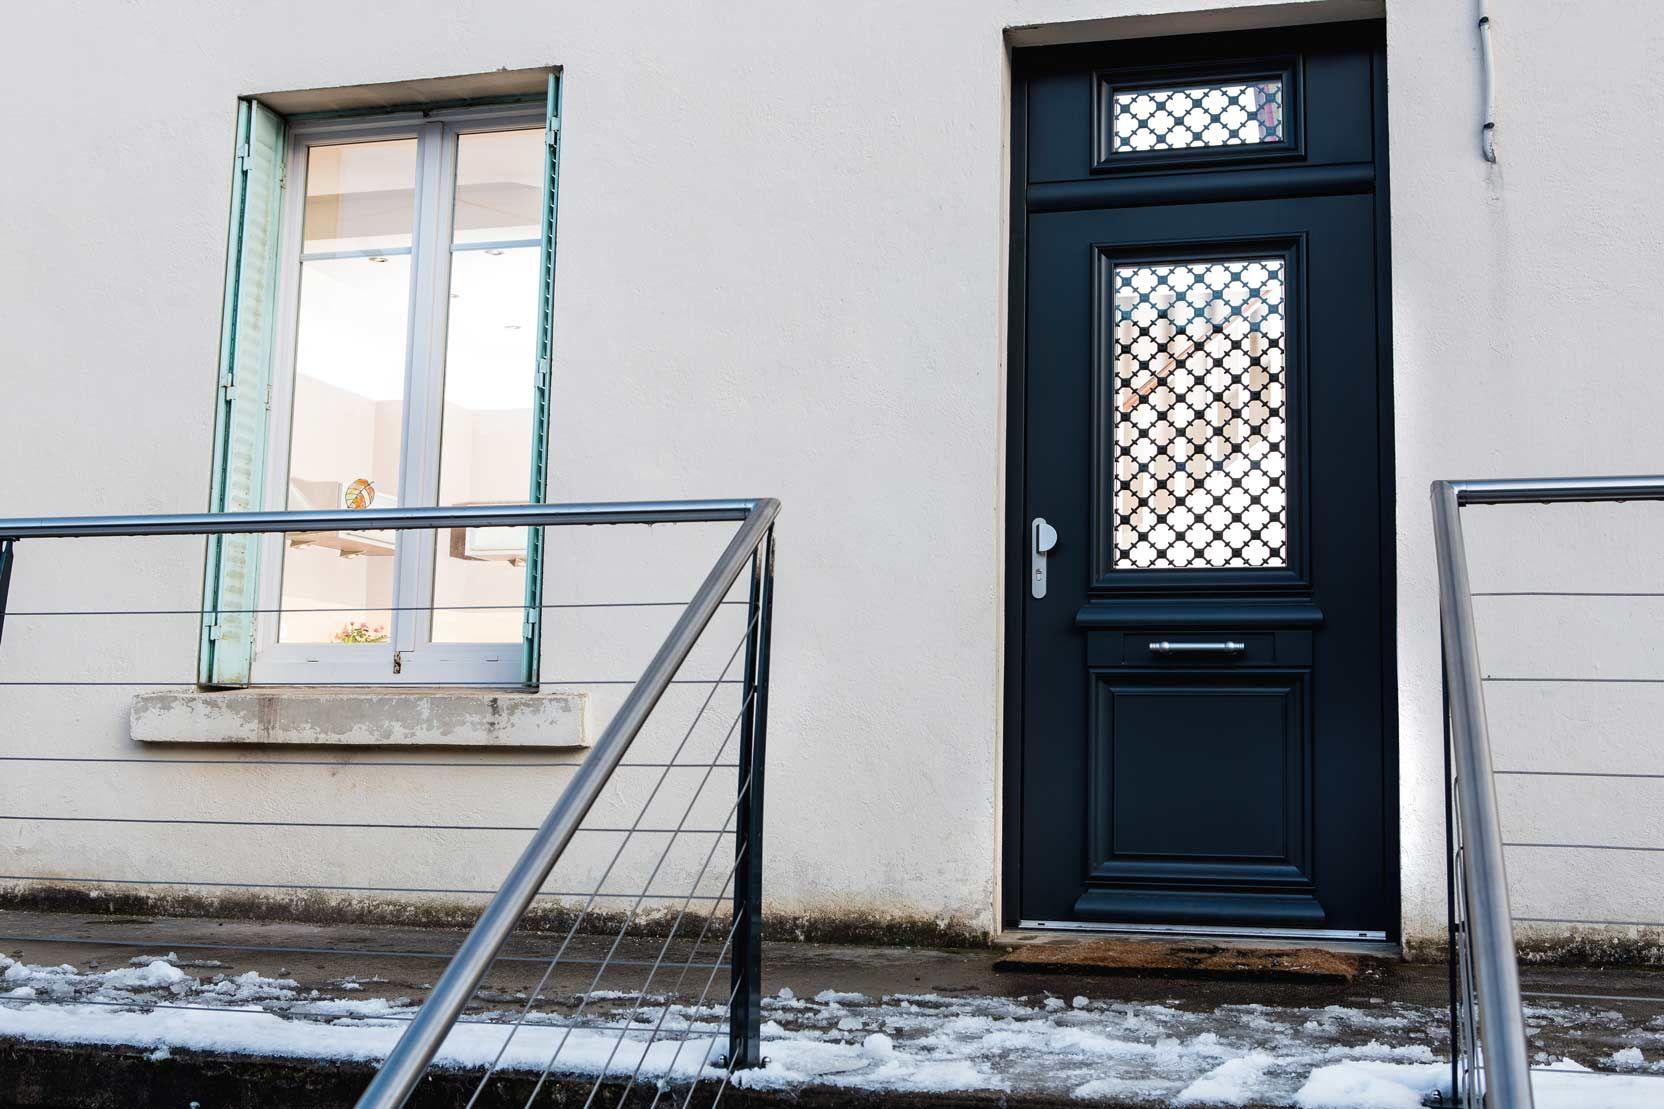 Porte Dentrée Maison Porte Vitrée Et Moulures à Lancienne Sur - Porte entree maison